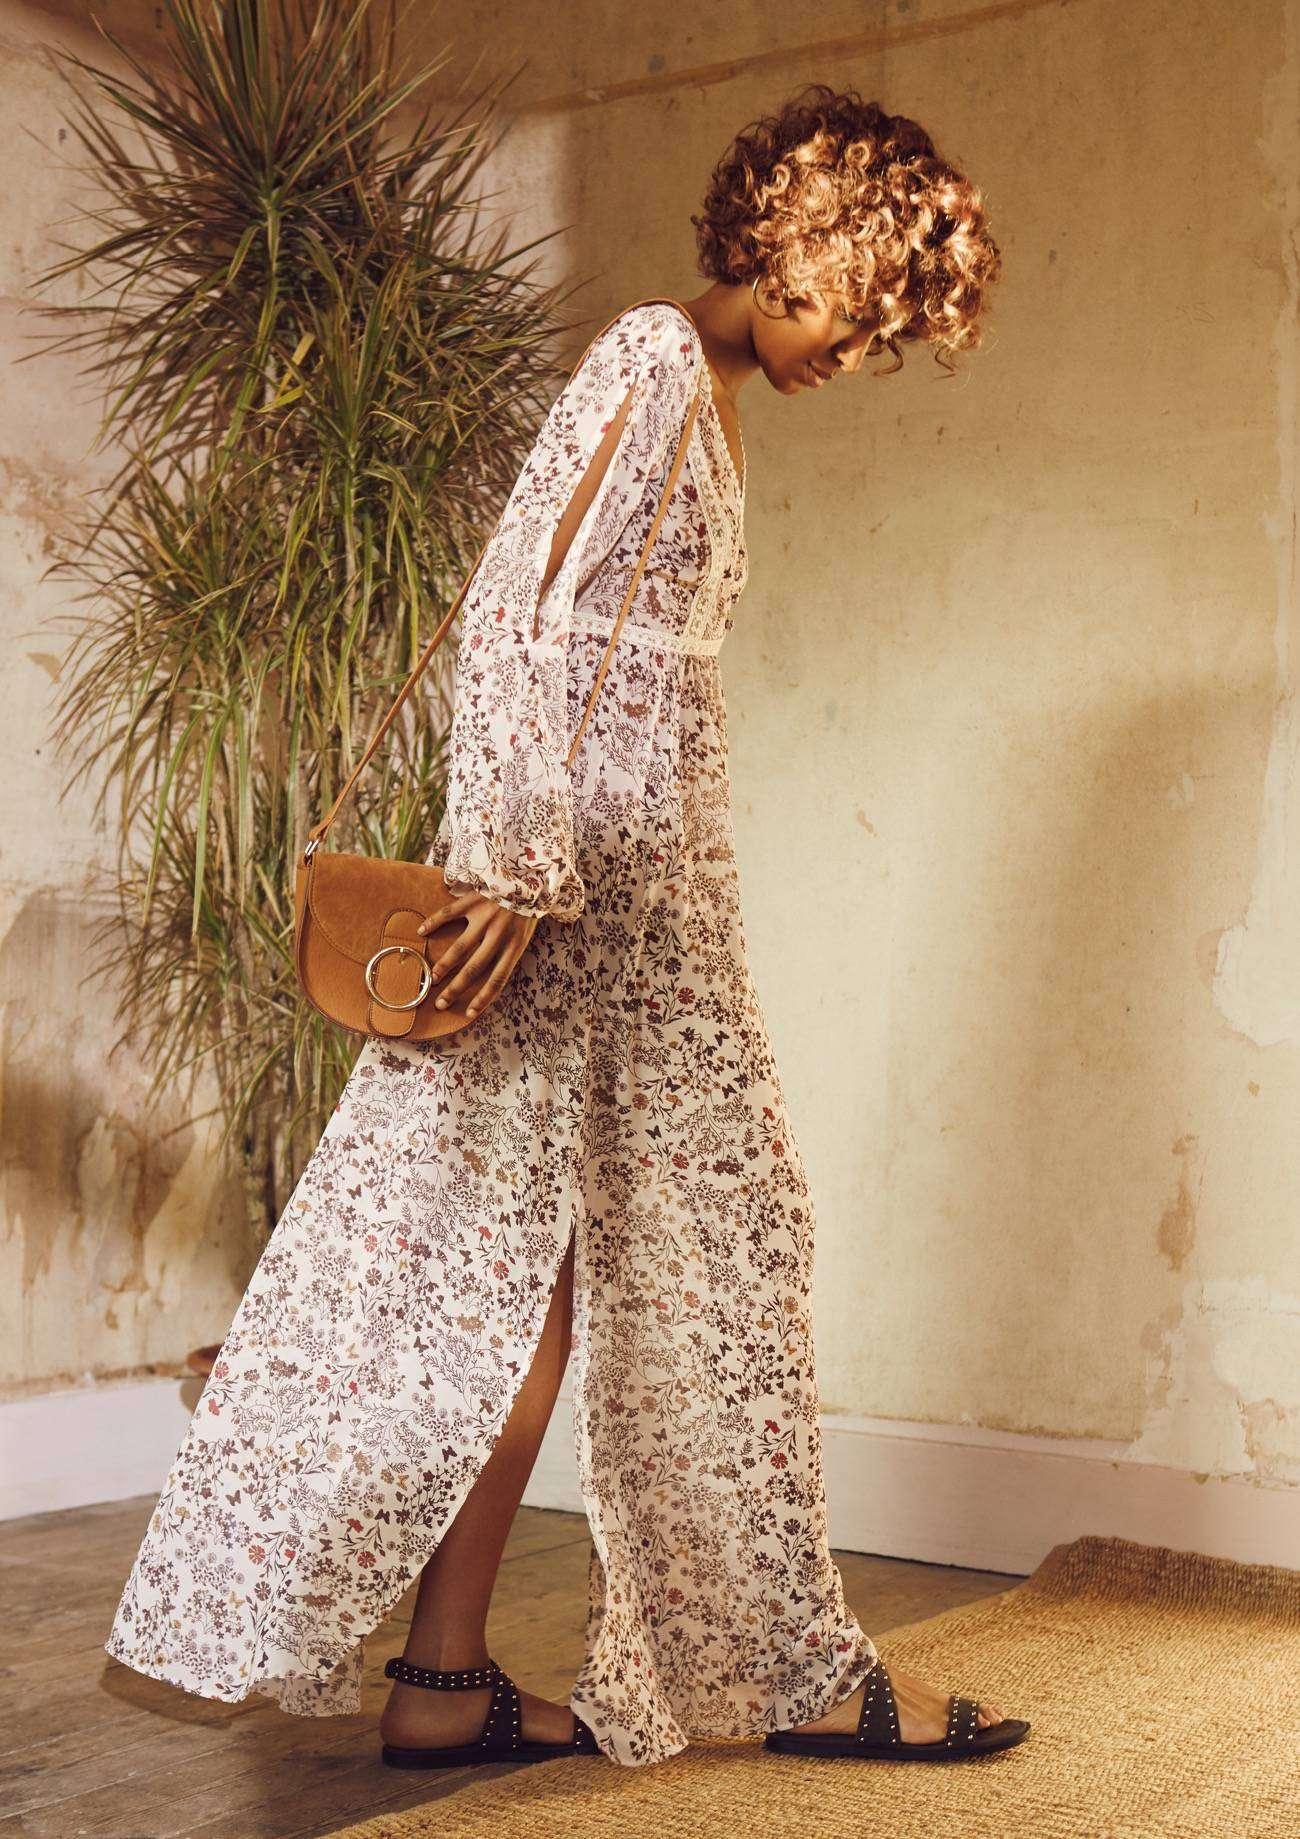 Catalogo Primark primavera - verano 2016 - vestido largo de flores